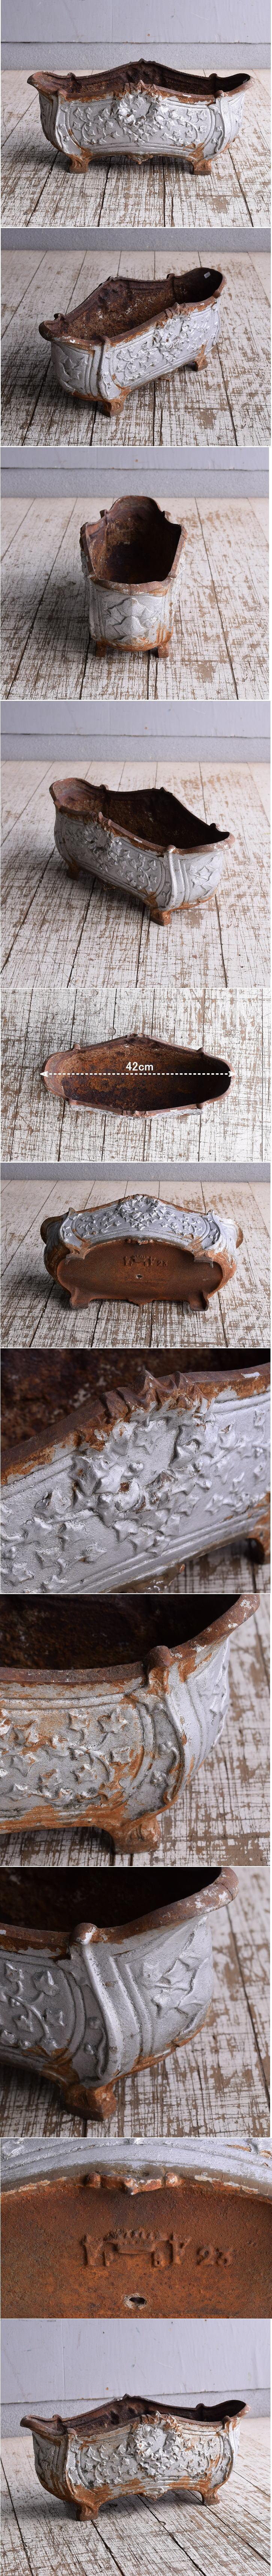 フレンチ アンティーク 鉄製 プランター 植木鉢 9145